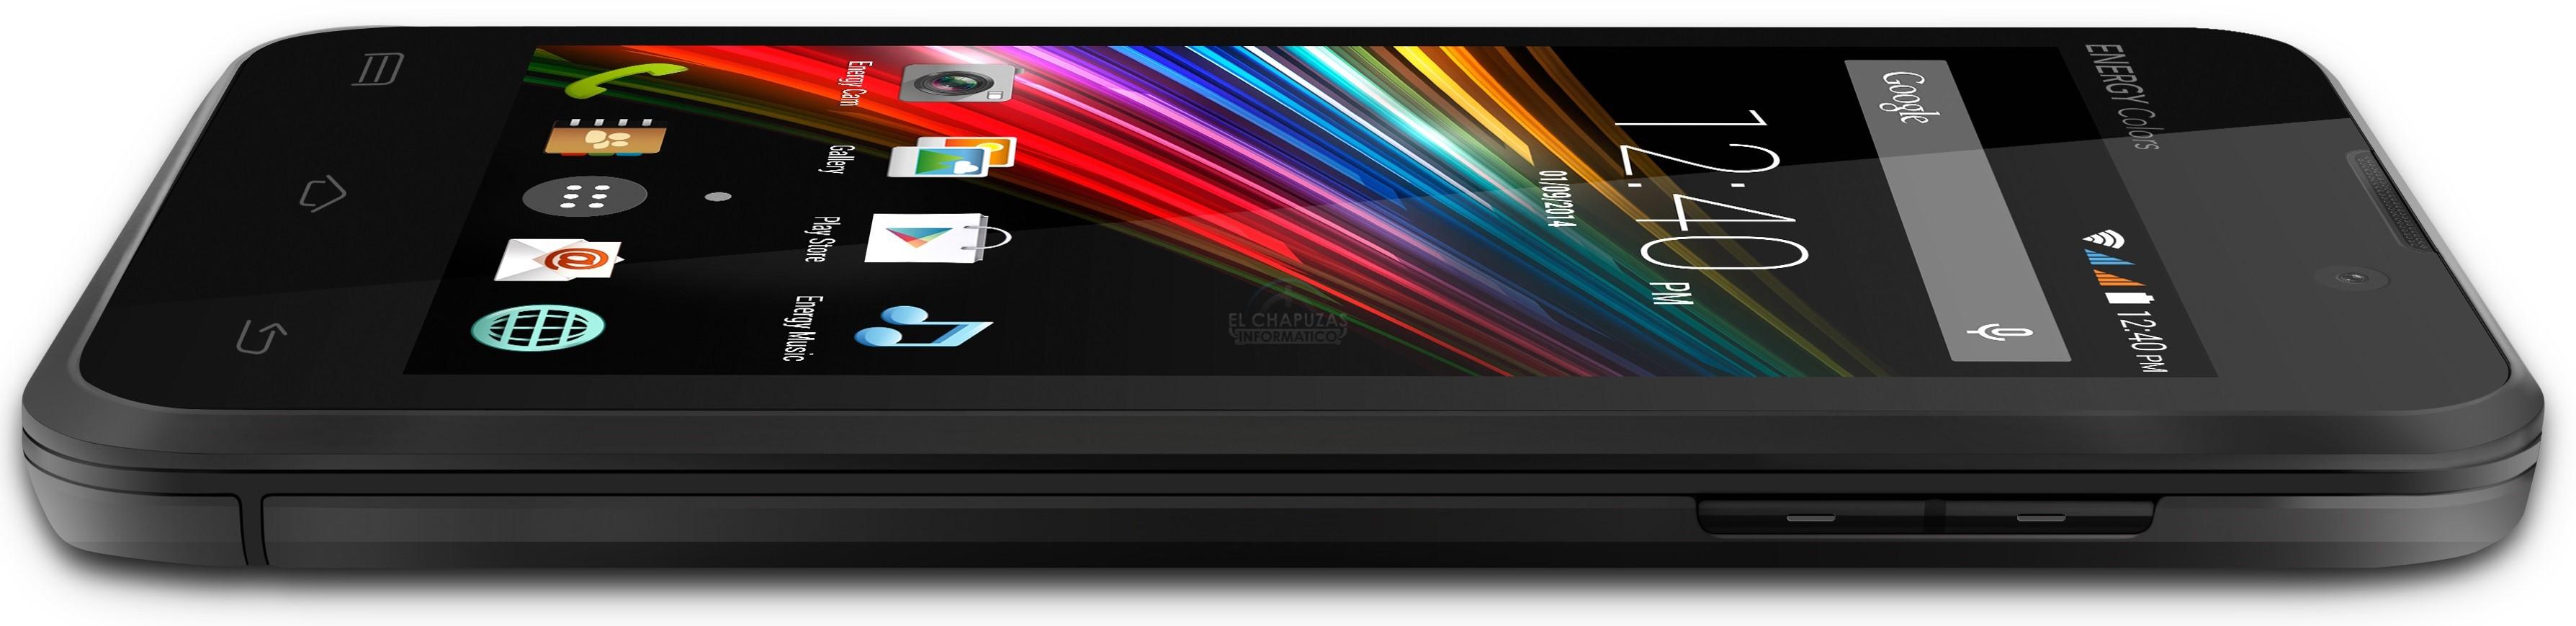 Energy Phone Colors 4 Pulgadas Y Android 4 4 Por